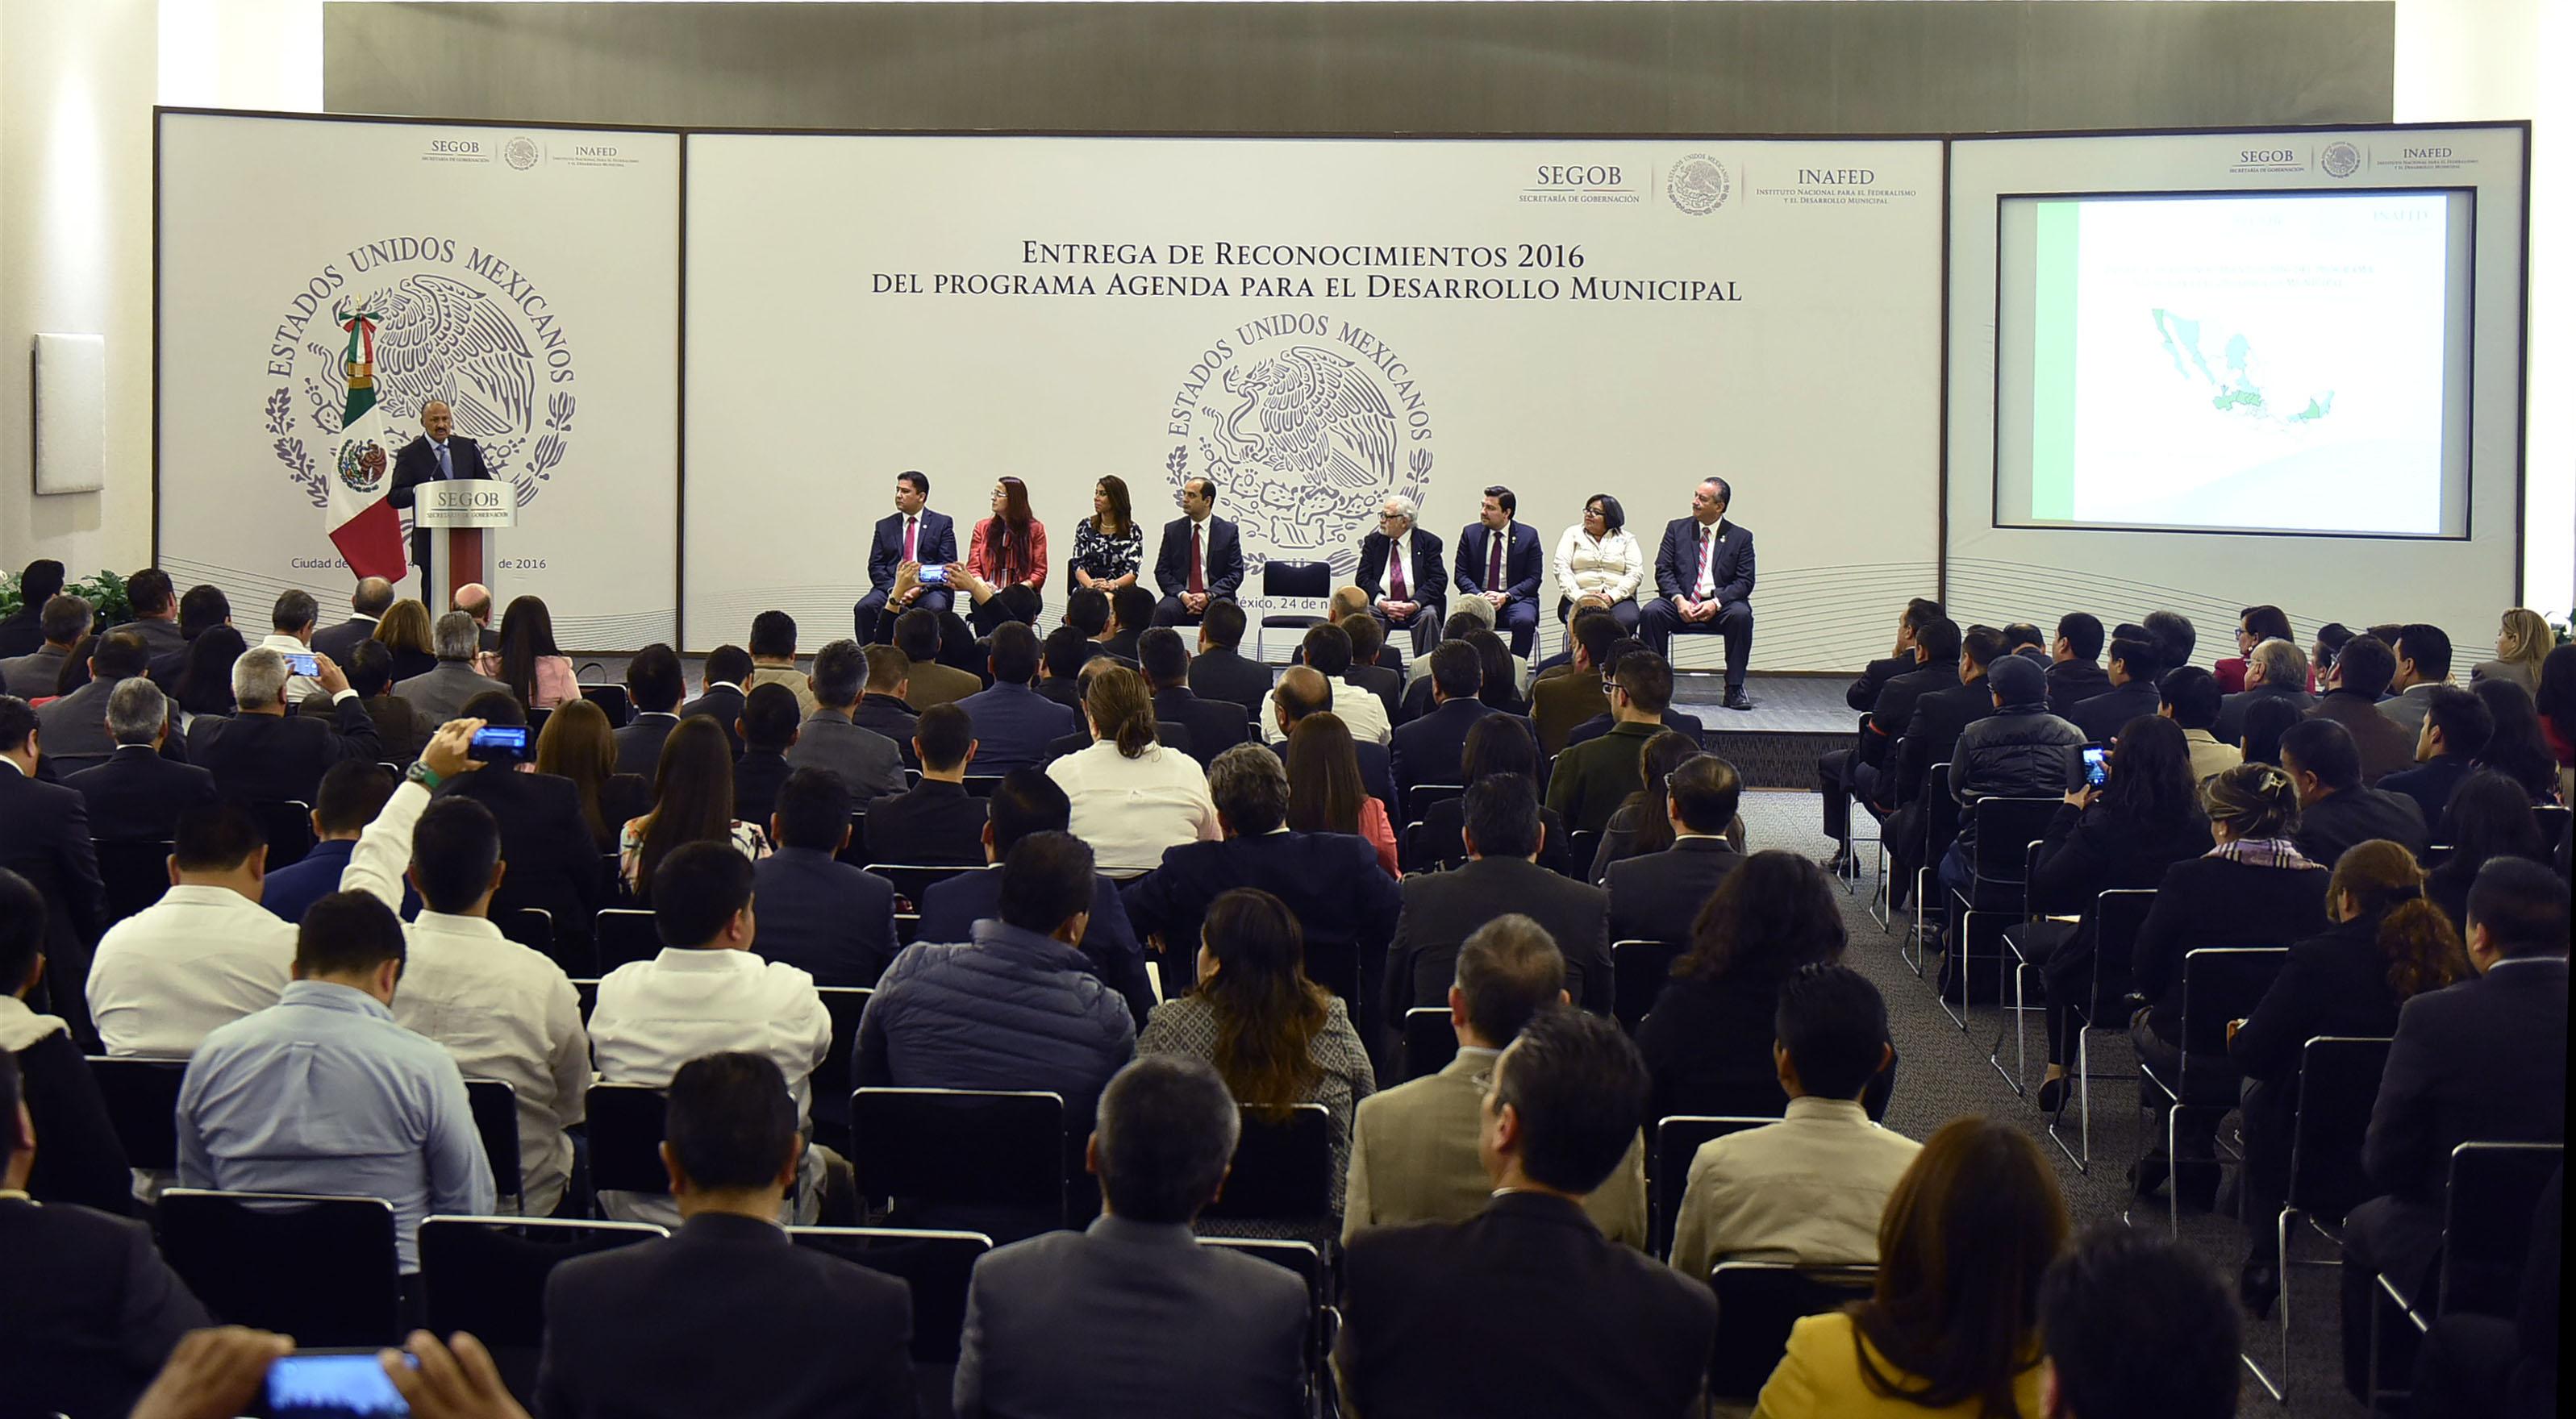 El Subsecretario de Gobierno, René Juárez Cisneros, encabezó la ceremonia de Entrega de Reconocimientos 2016 del Programa Agenda para el Desarrollo Municipal donde subrayó que la gobernabilidad de una nación comienza desde el municipio.